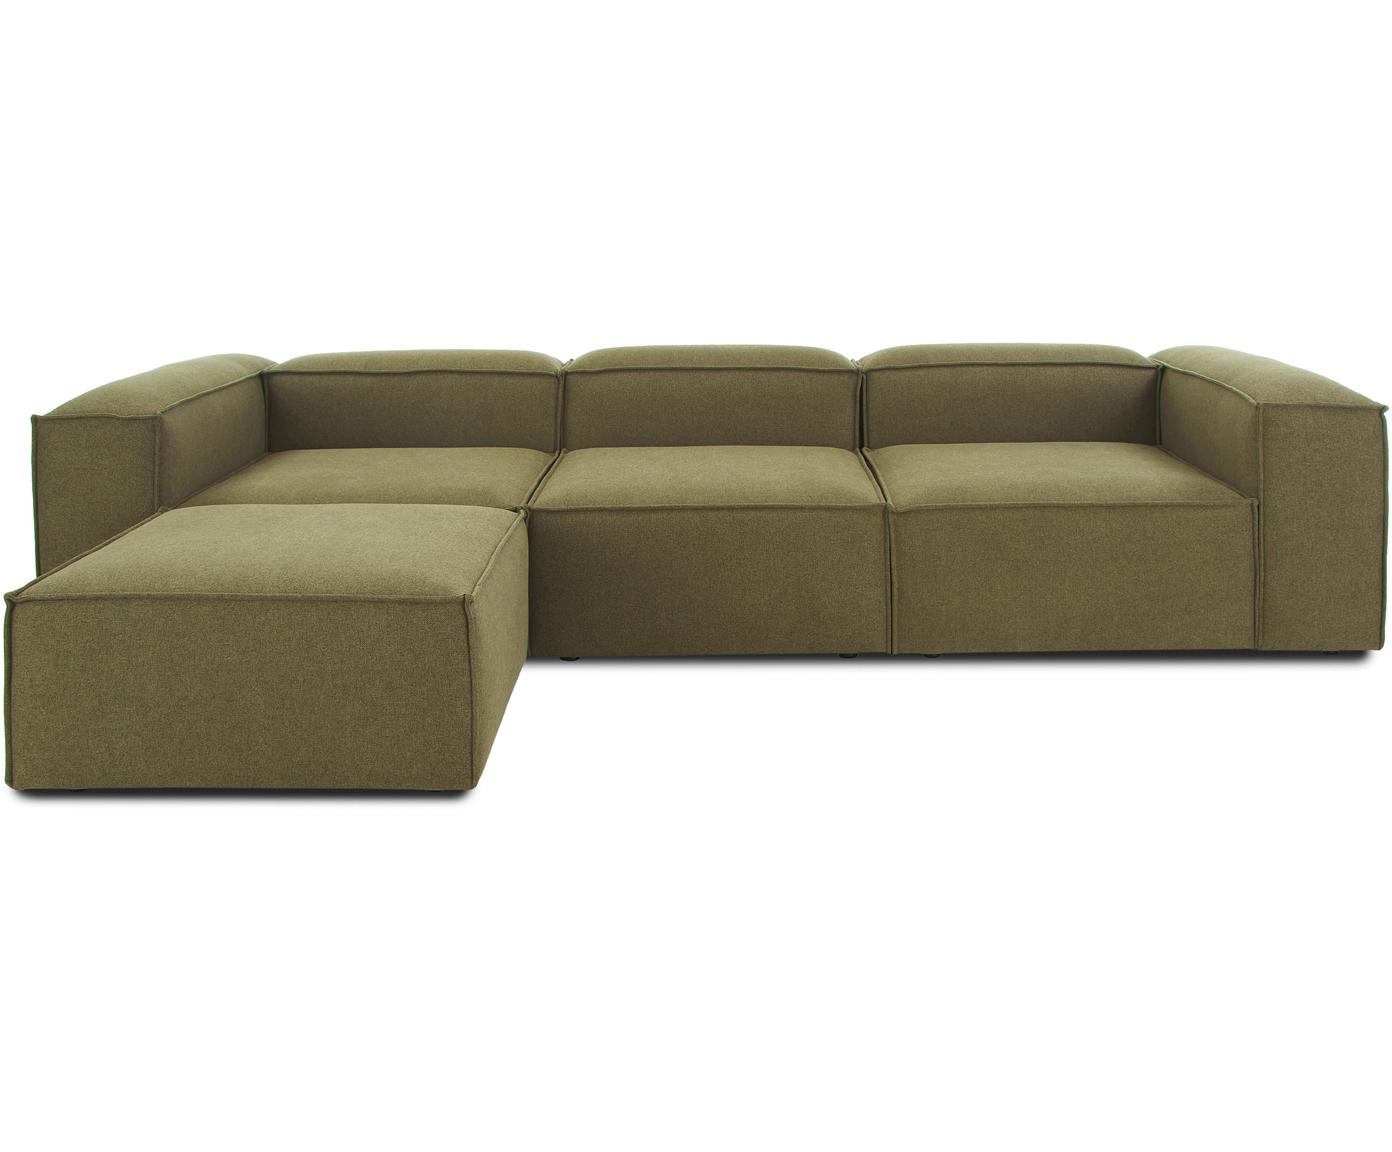 Sofa modułowa narożna Lennon, Tapicerka: 100% poliester 35000cyk, Stelaż: lite drewno sosnowe, skle, Nogi: tworzywo sztuczne, Zielony, S 326 x G 207 cm